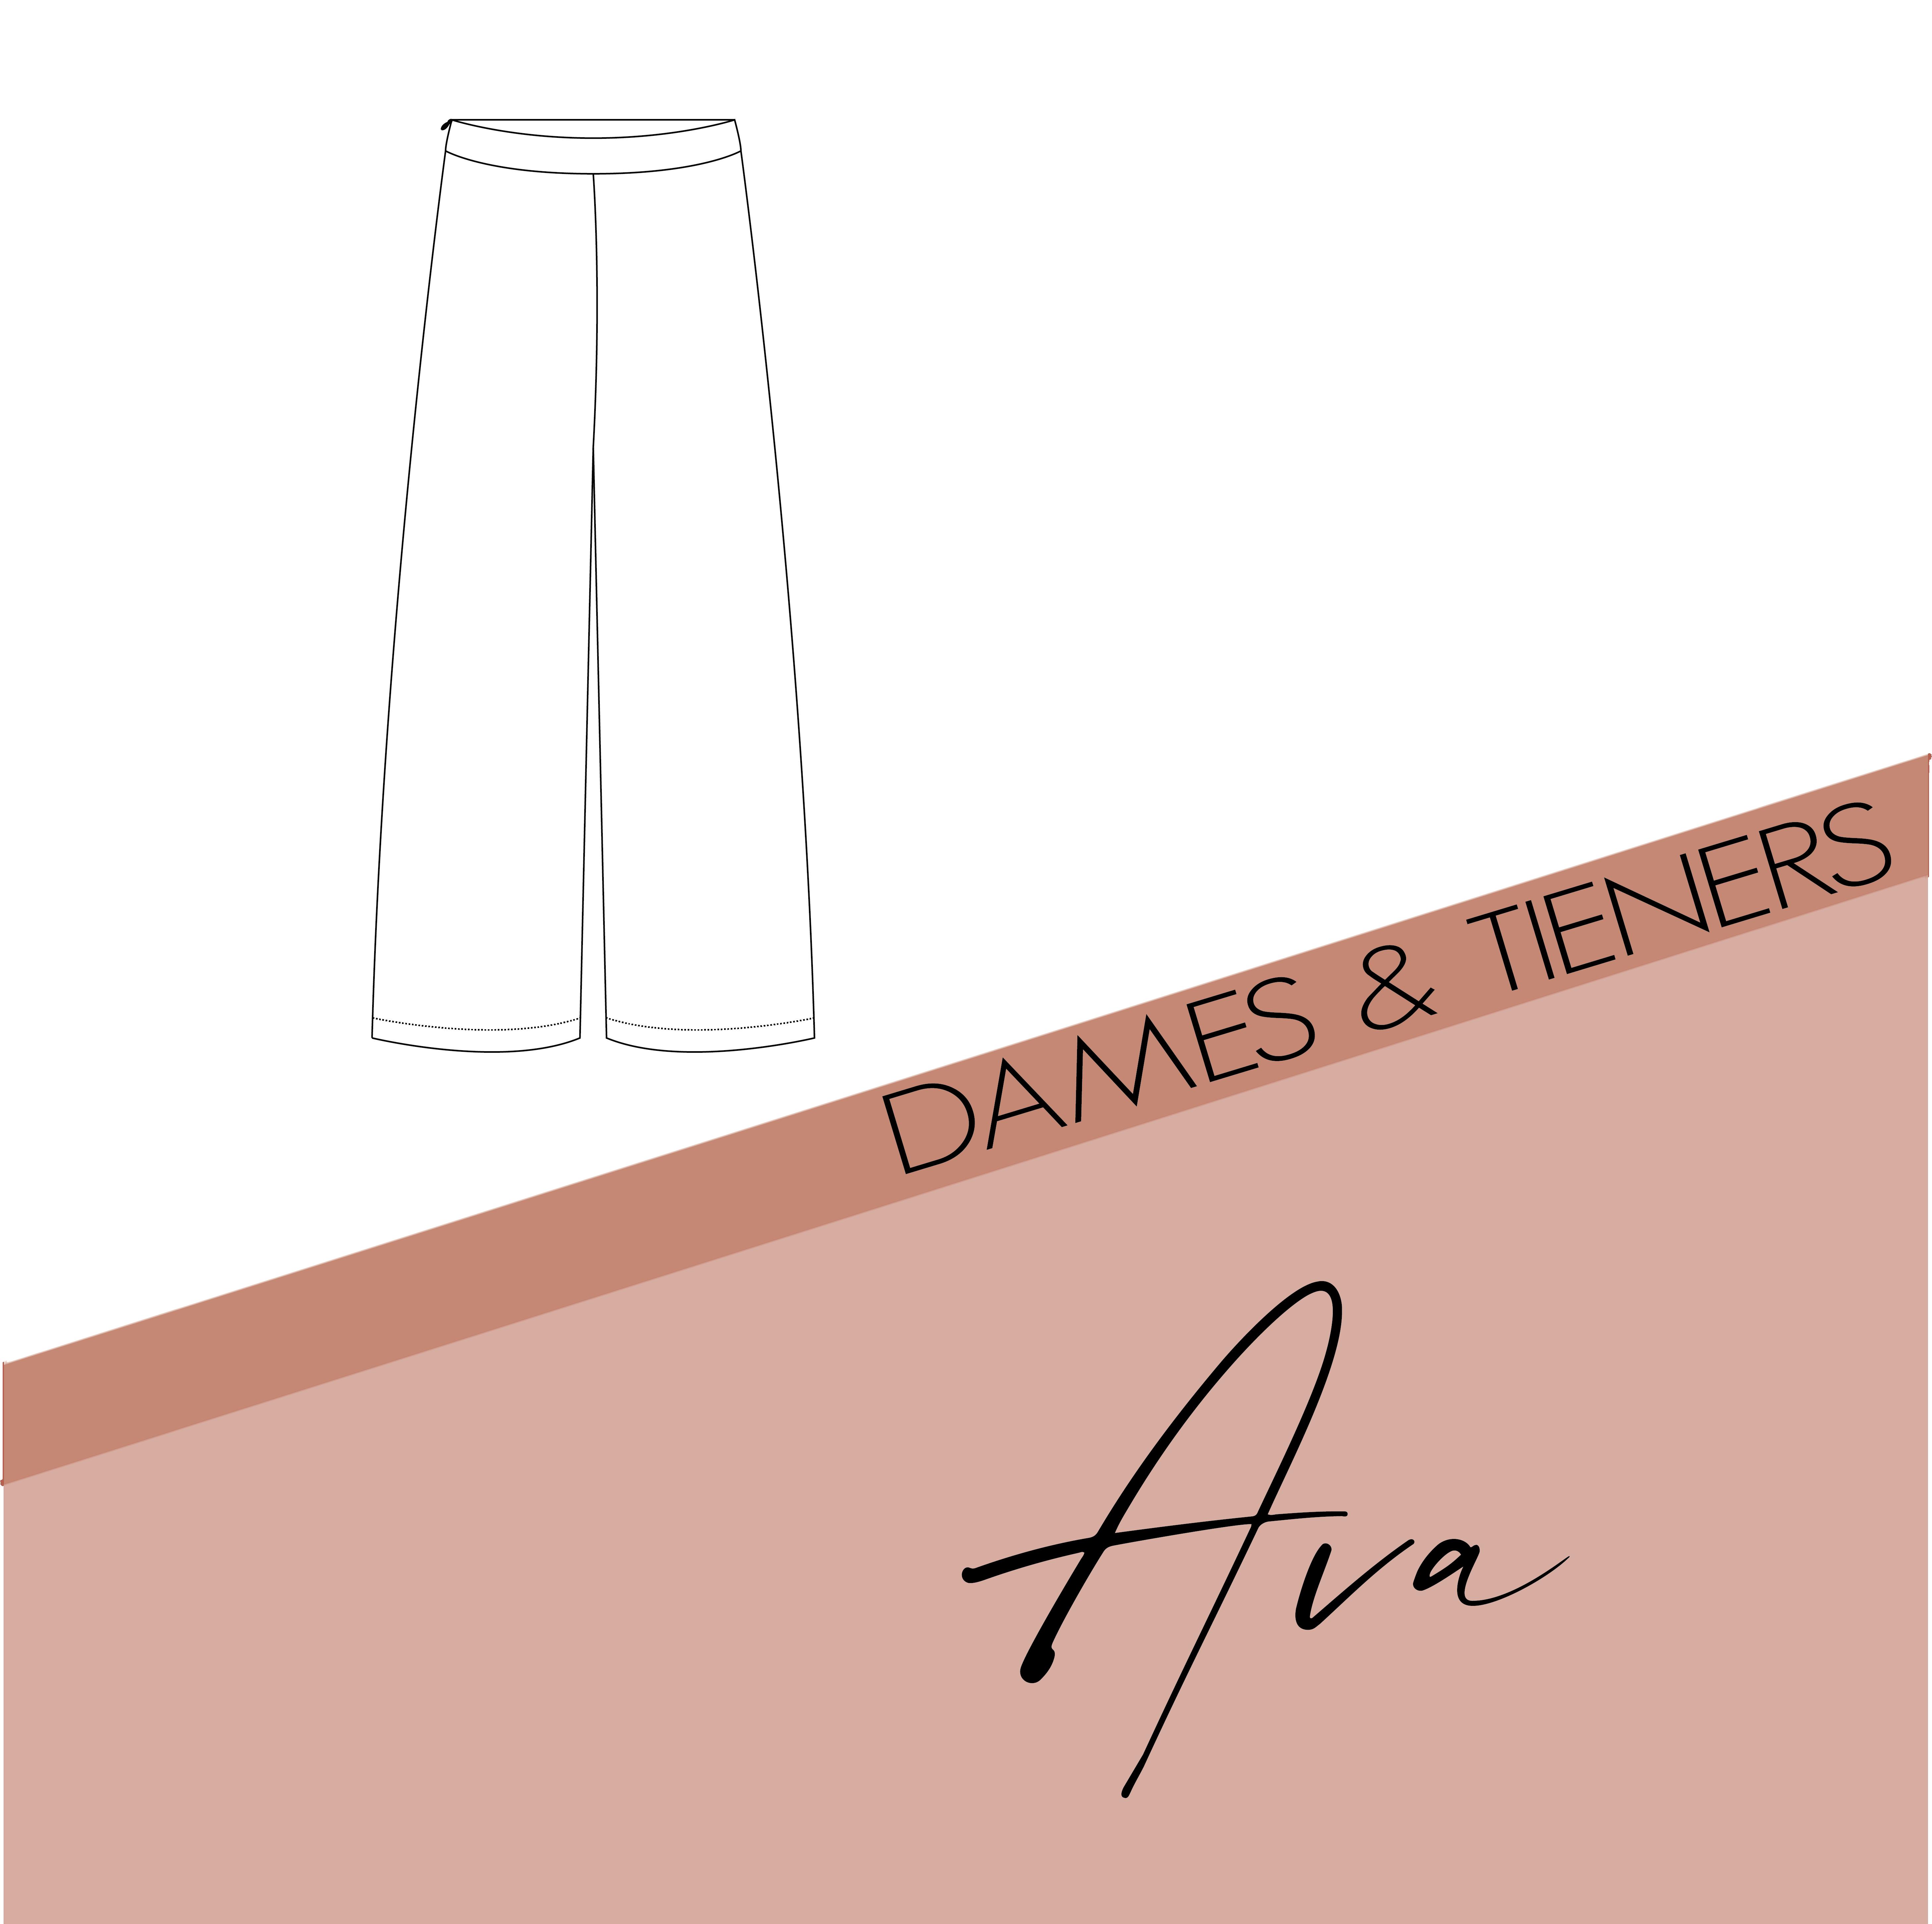 Ava - dames & tieners